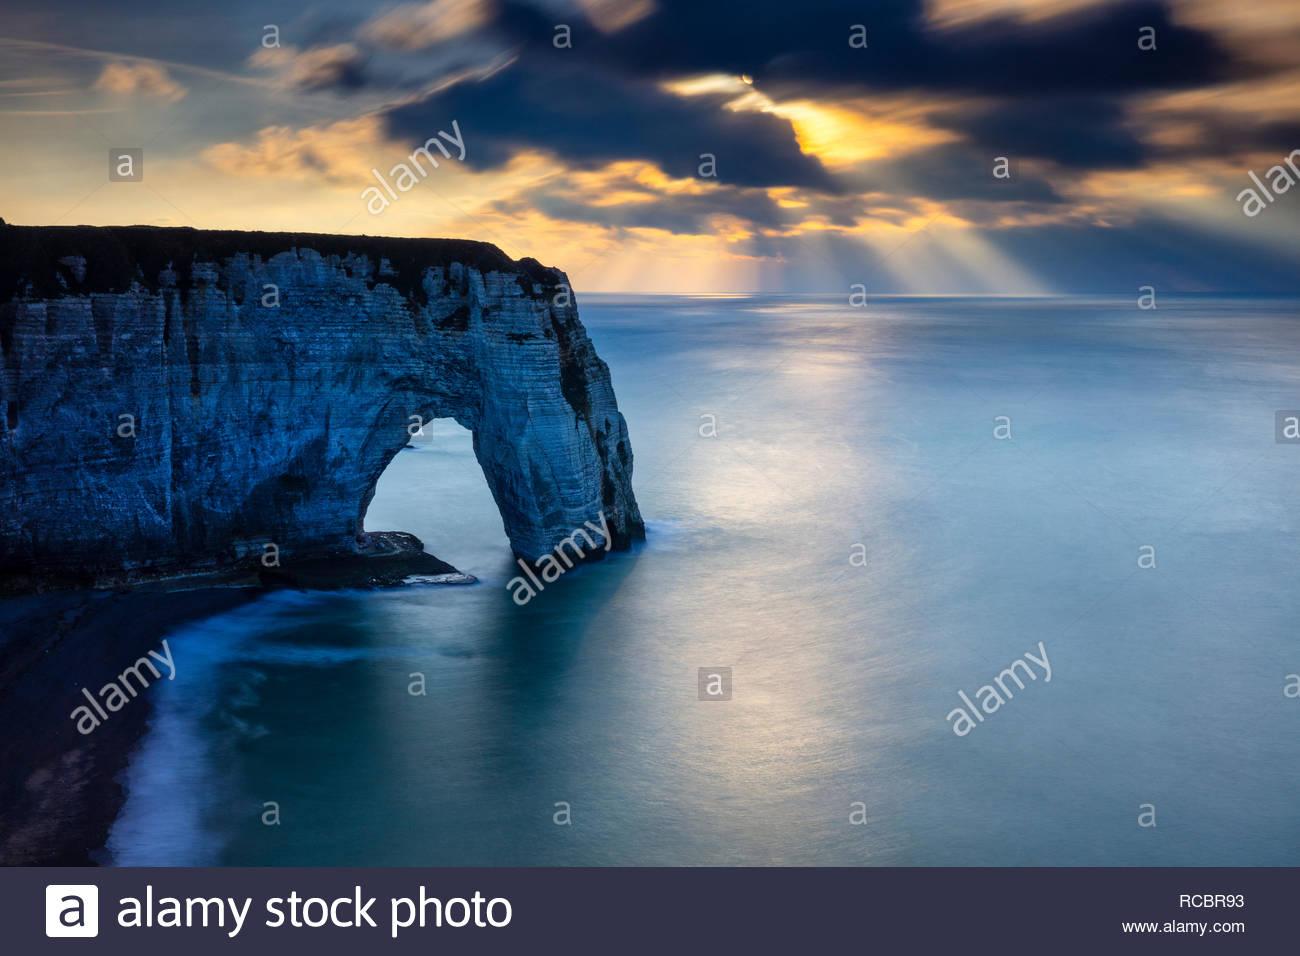 Rayons crépusculaires, également connu sous le nom de Dieu, la forme sur l'océan Atlantique et une grande mer appelé arche Manneporte en fin d'après-midi à Étretat, Franc Photo Stock